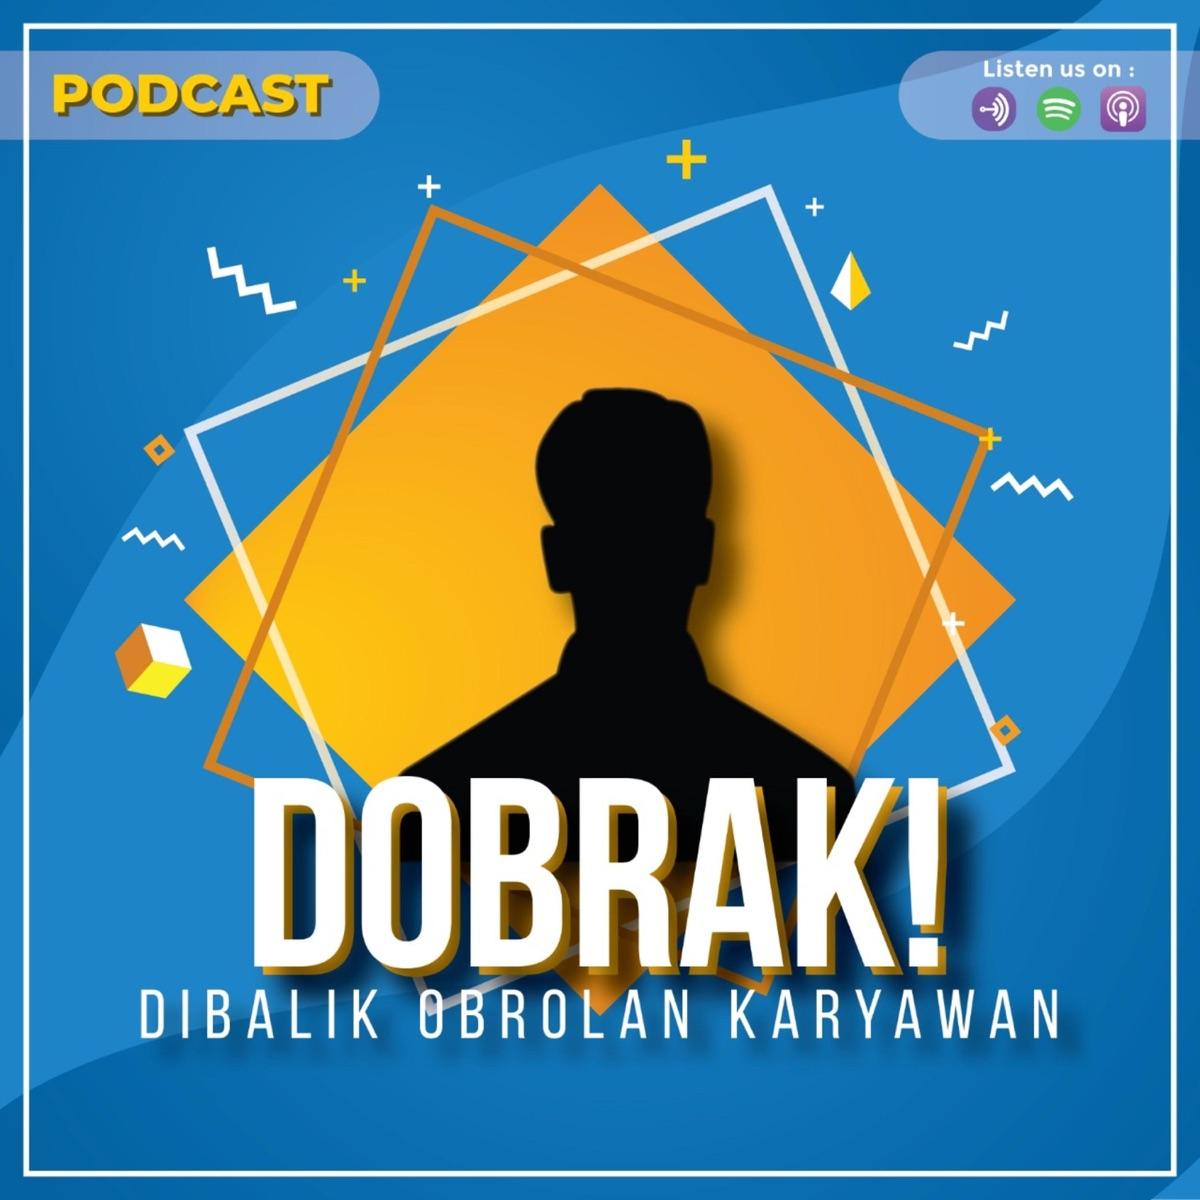 DOBRAK!